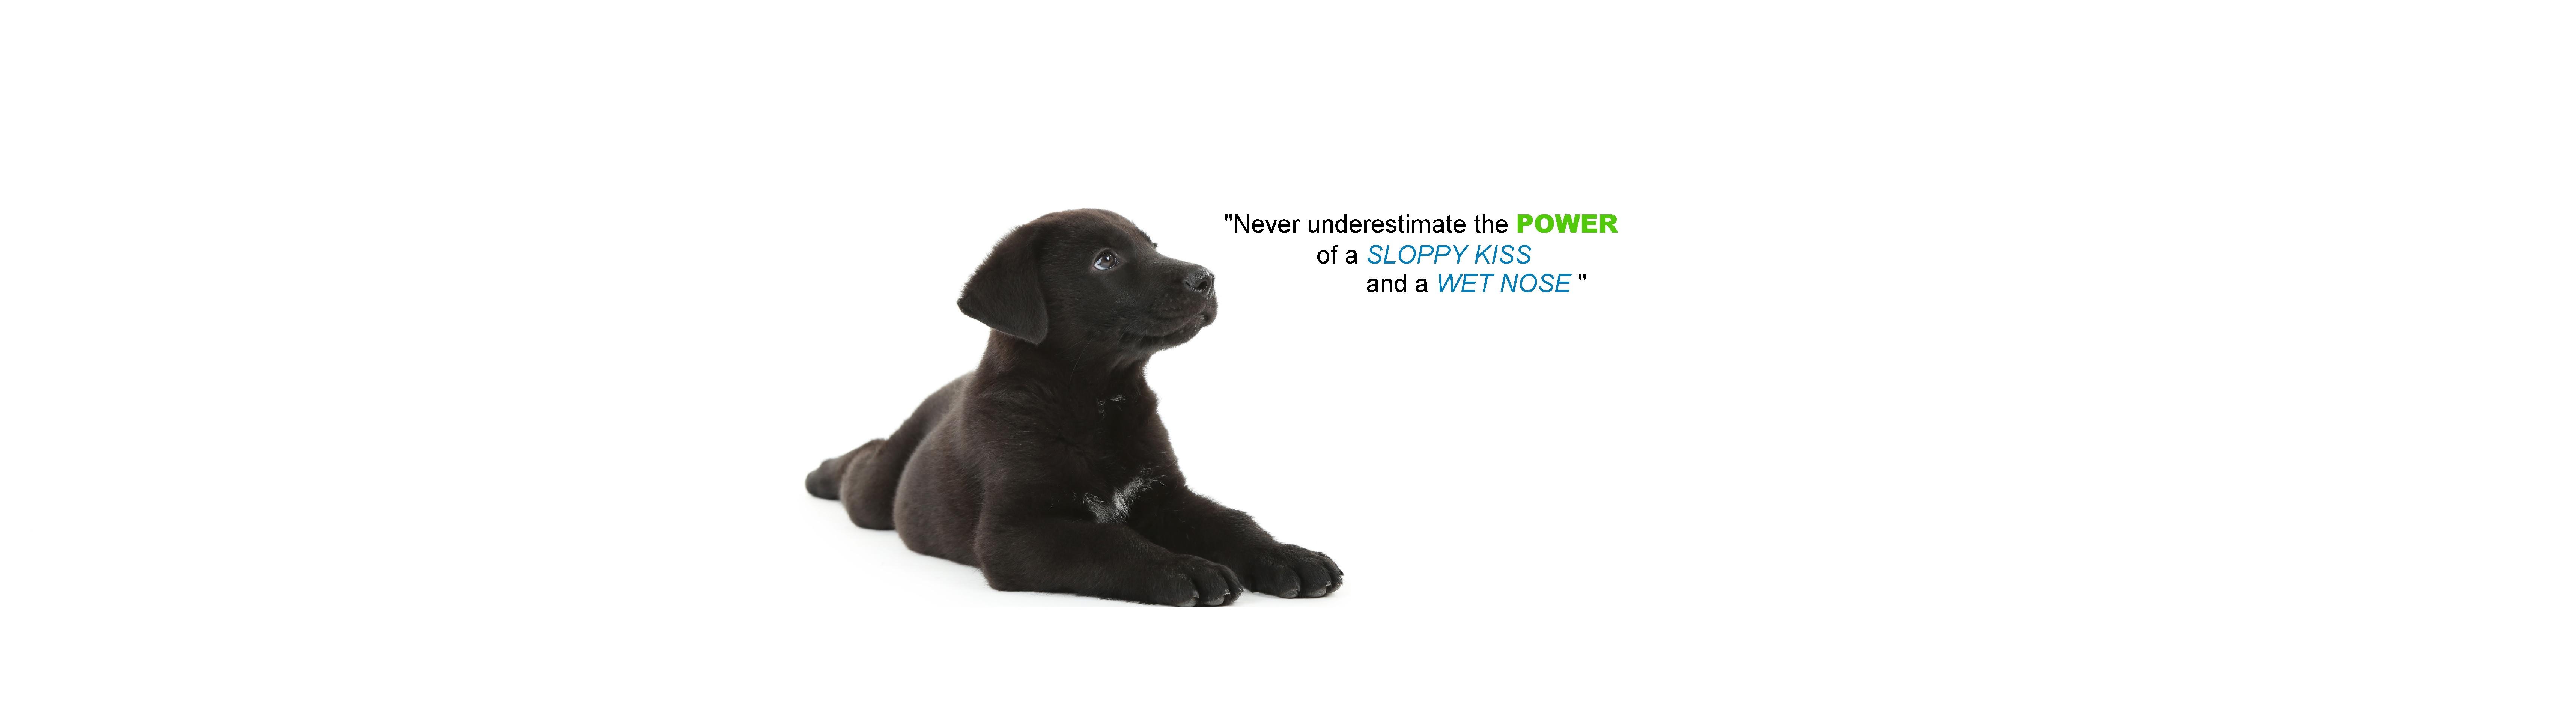 puppy banner 2